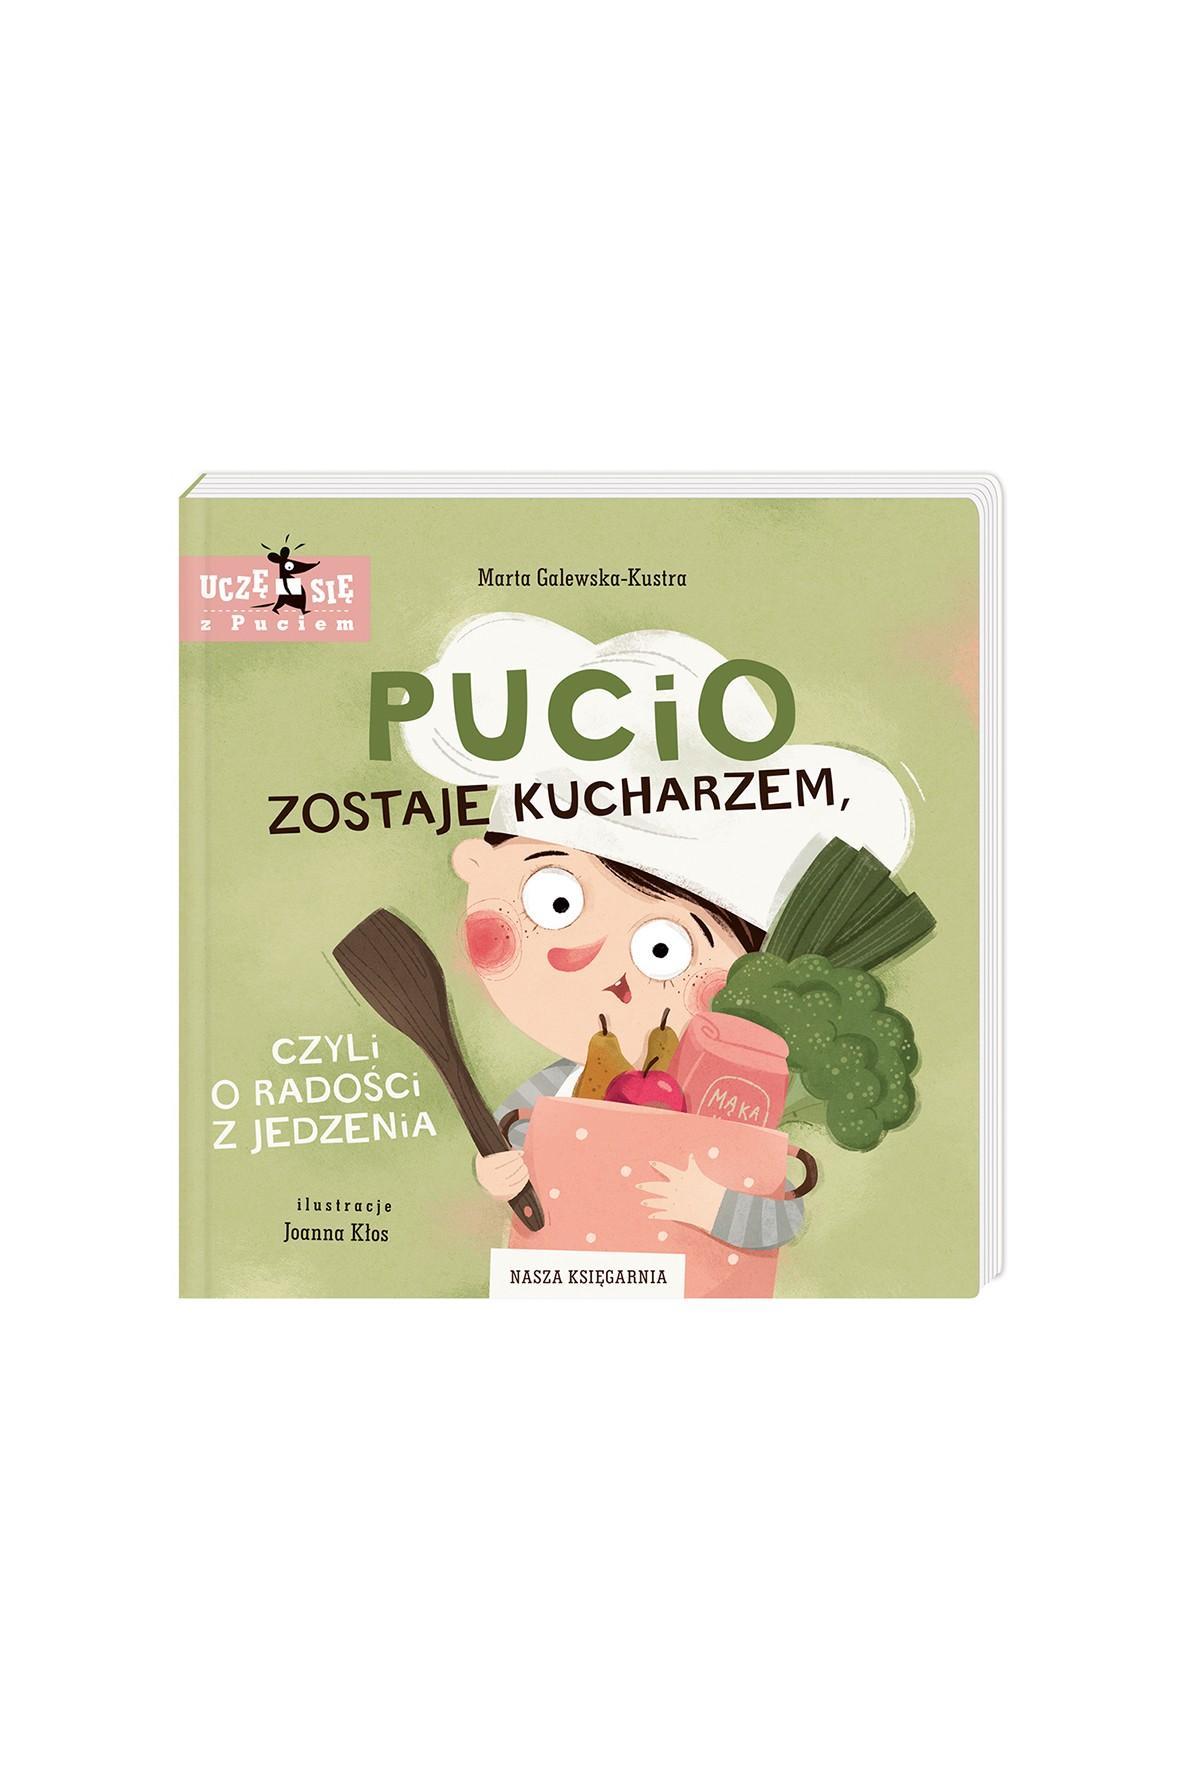 Książka dla dzieci- Pucio zostaje kucharzem, czyli o radości z jedzenia